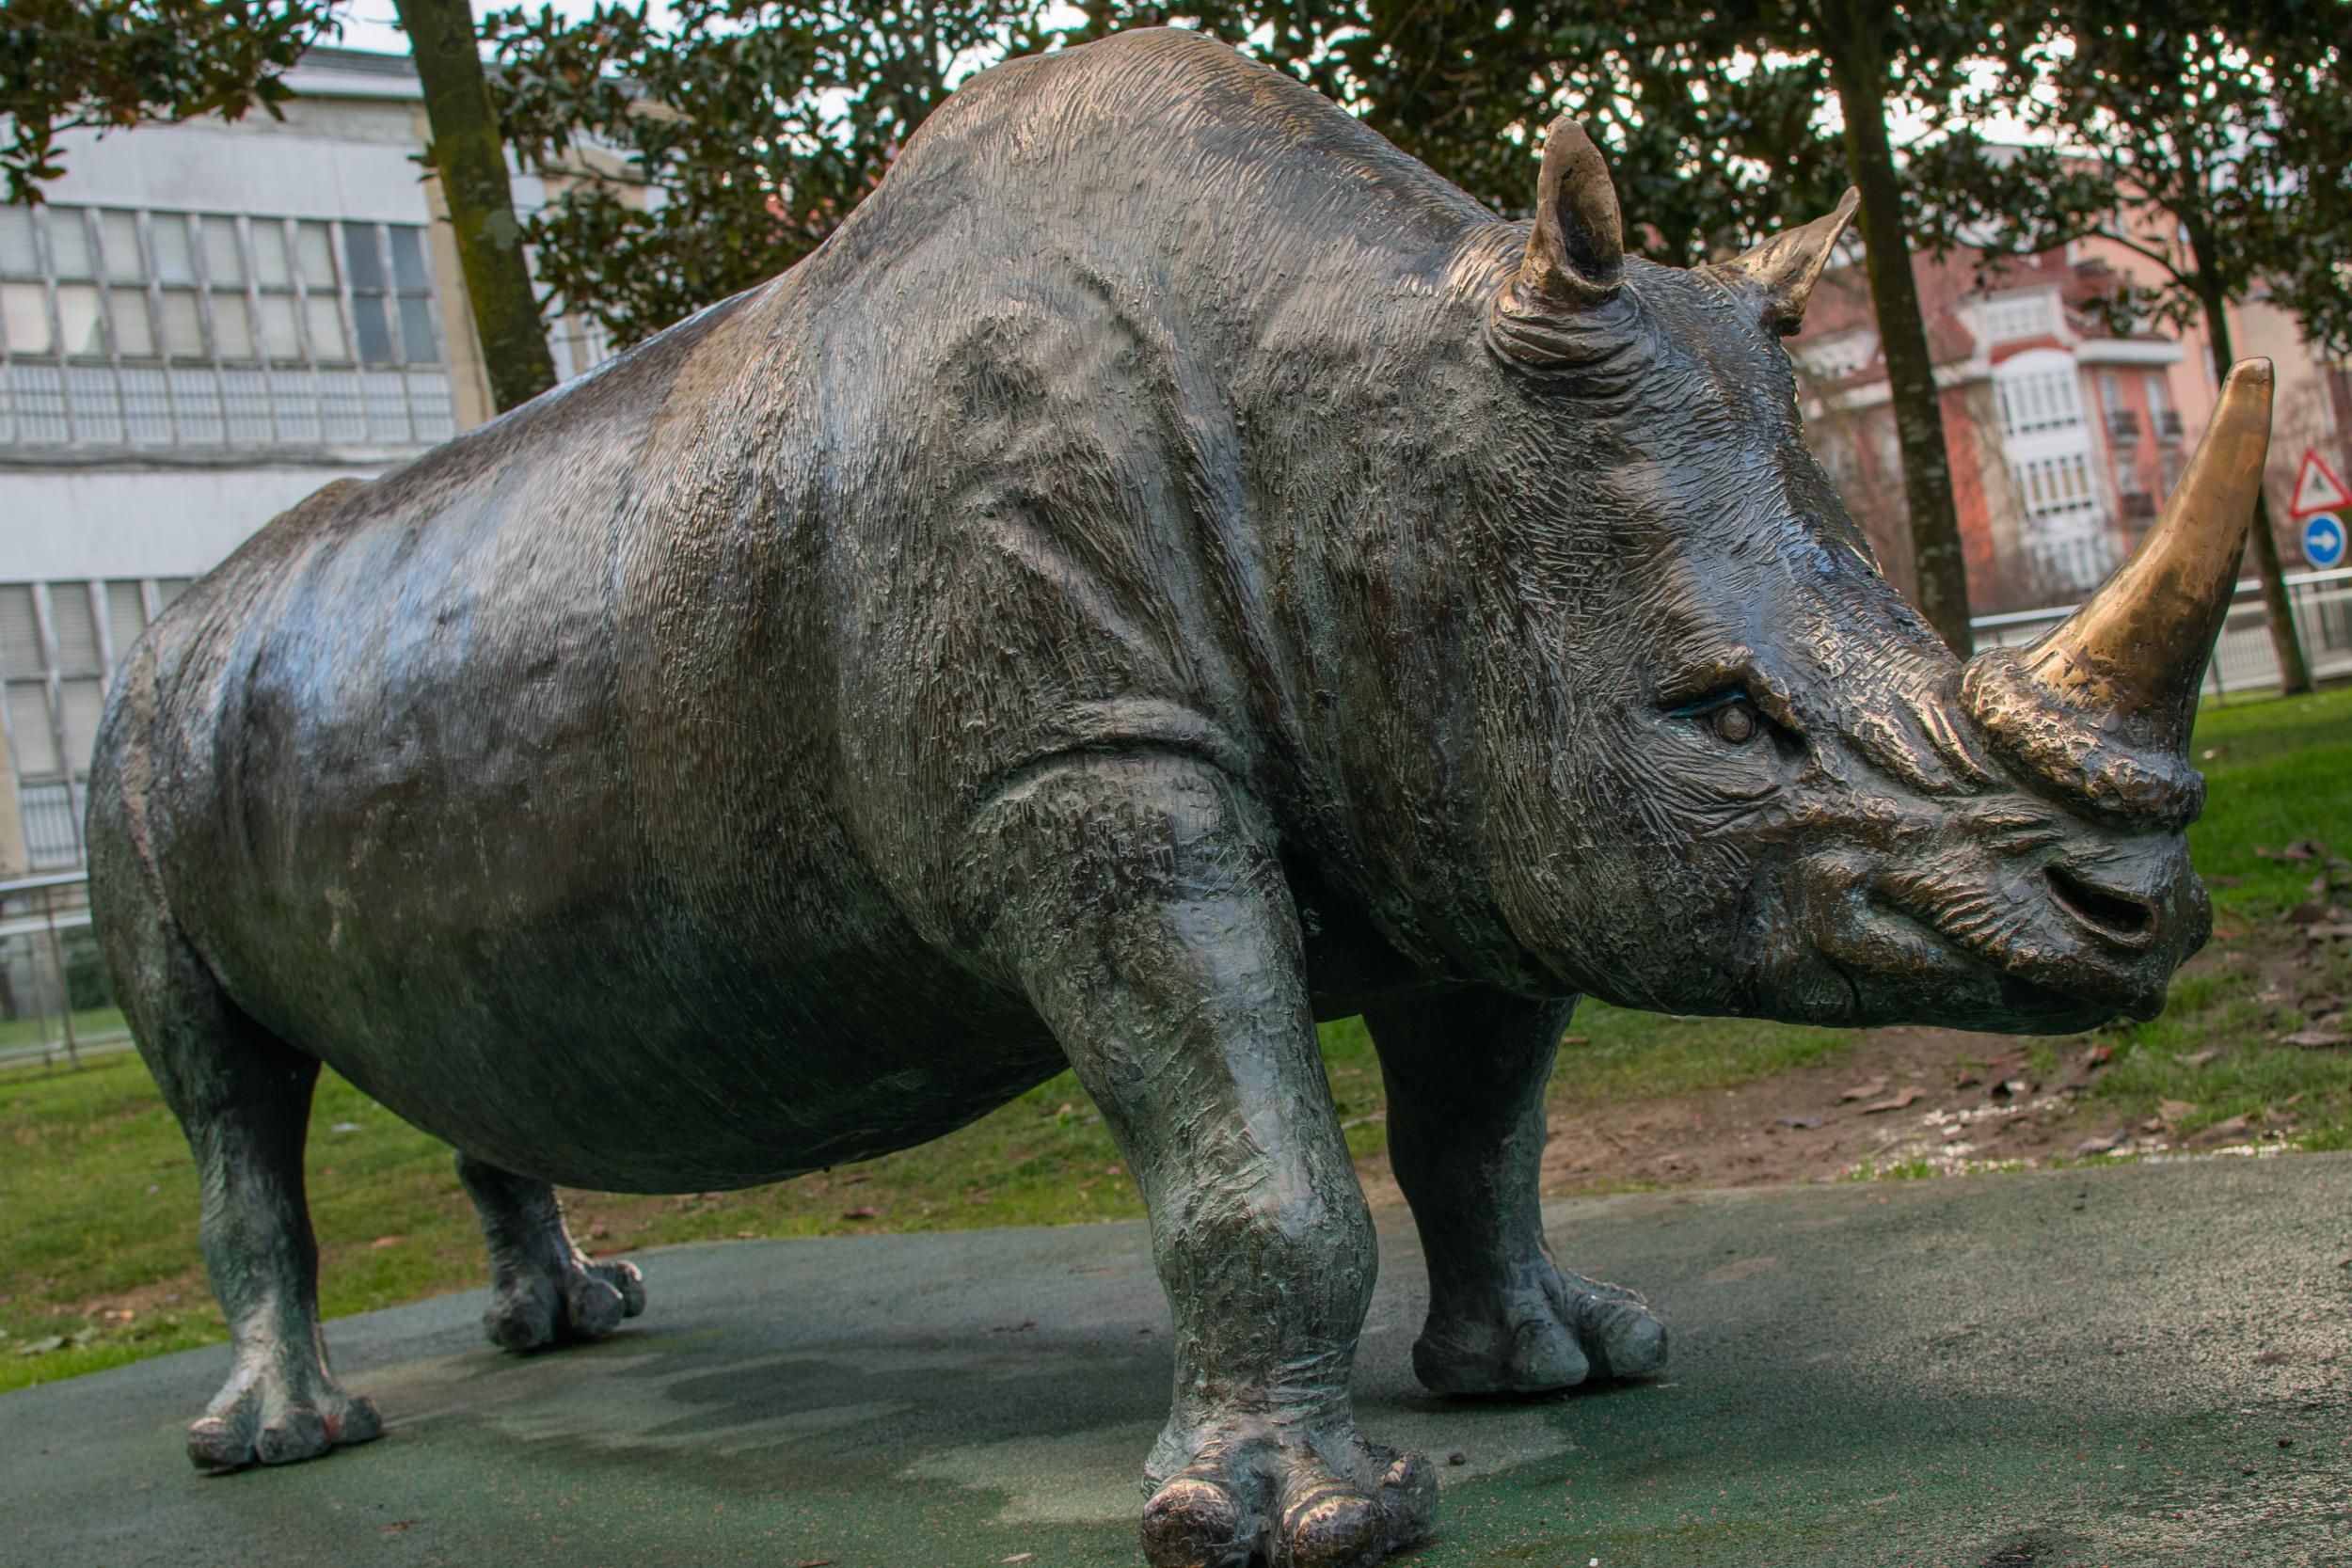 vitoria rhino statue